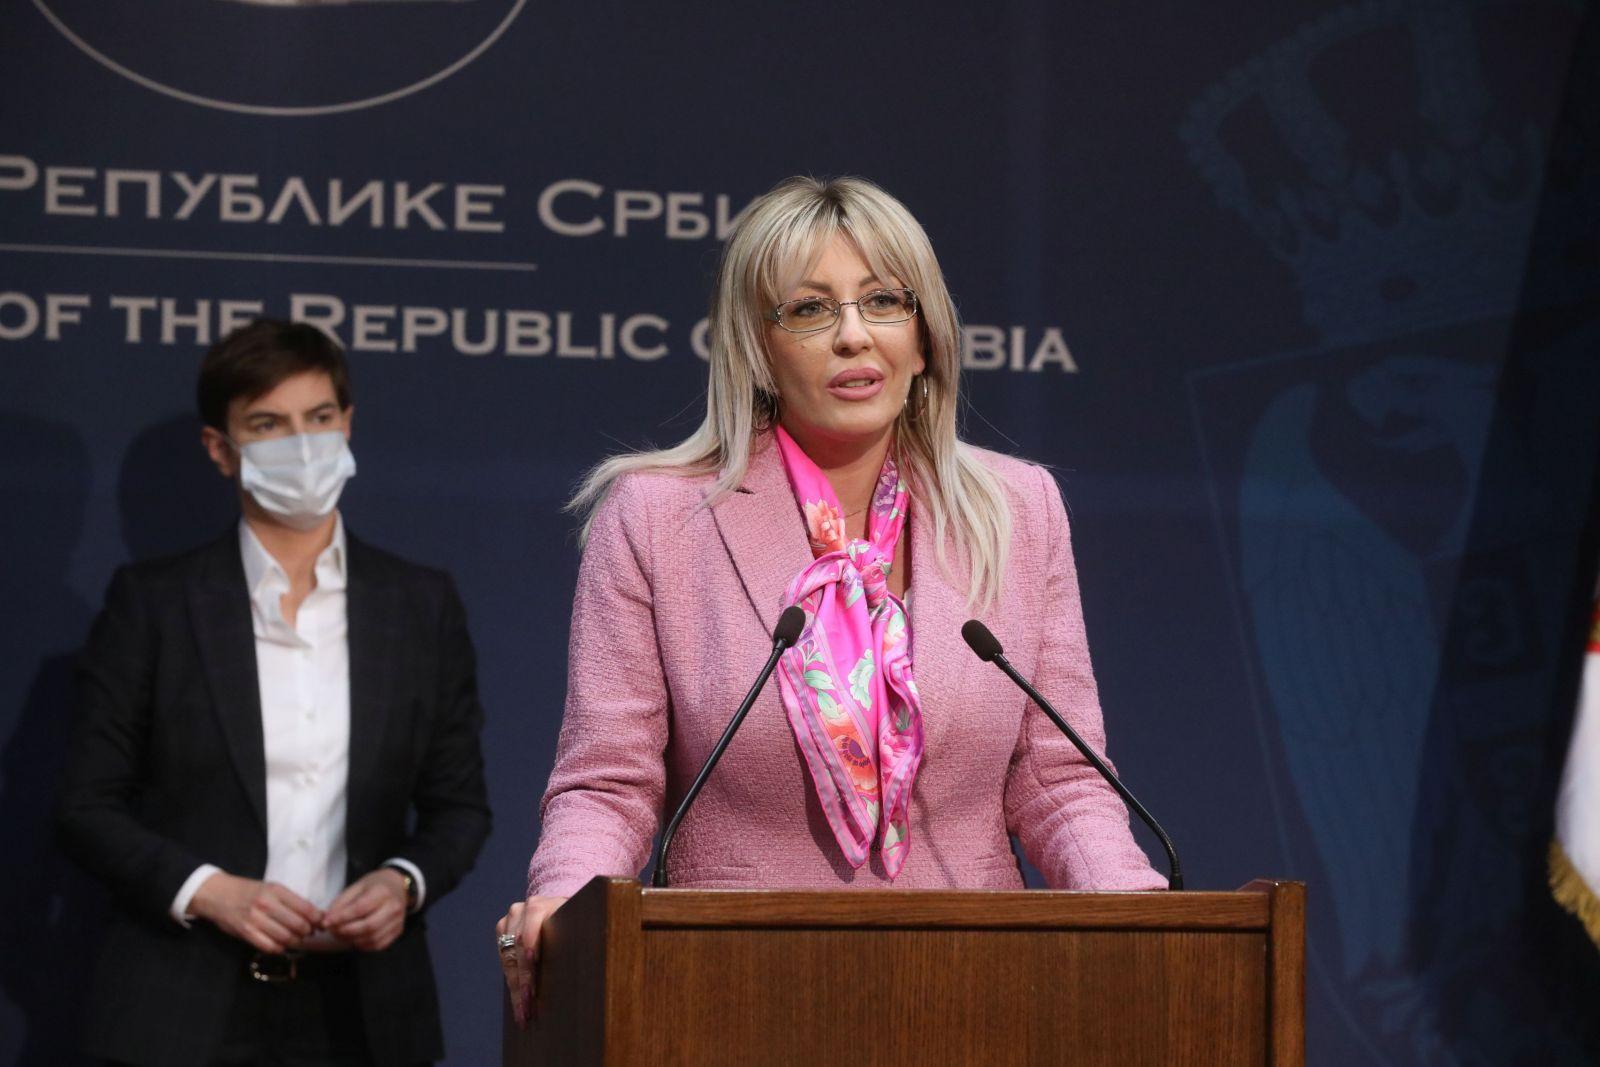 Ј. Јоксимовић: Извештај ЕК објективан, евидентиран напредак у свим областима